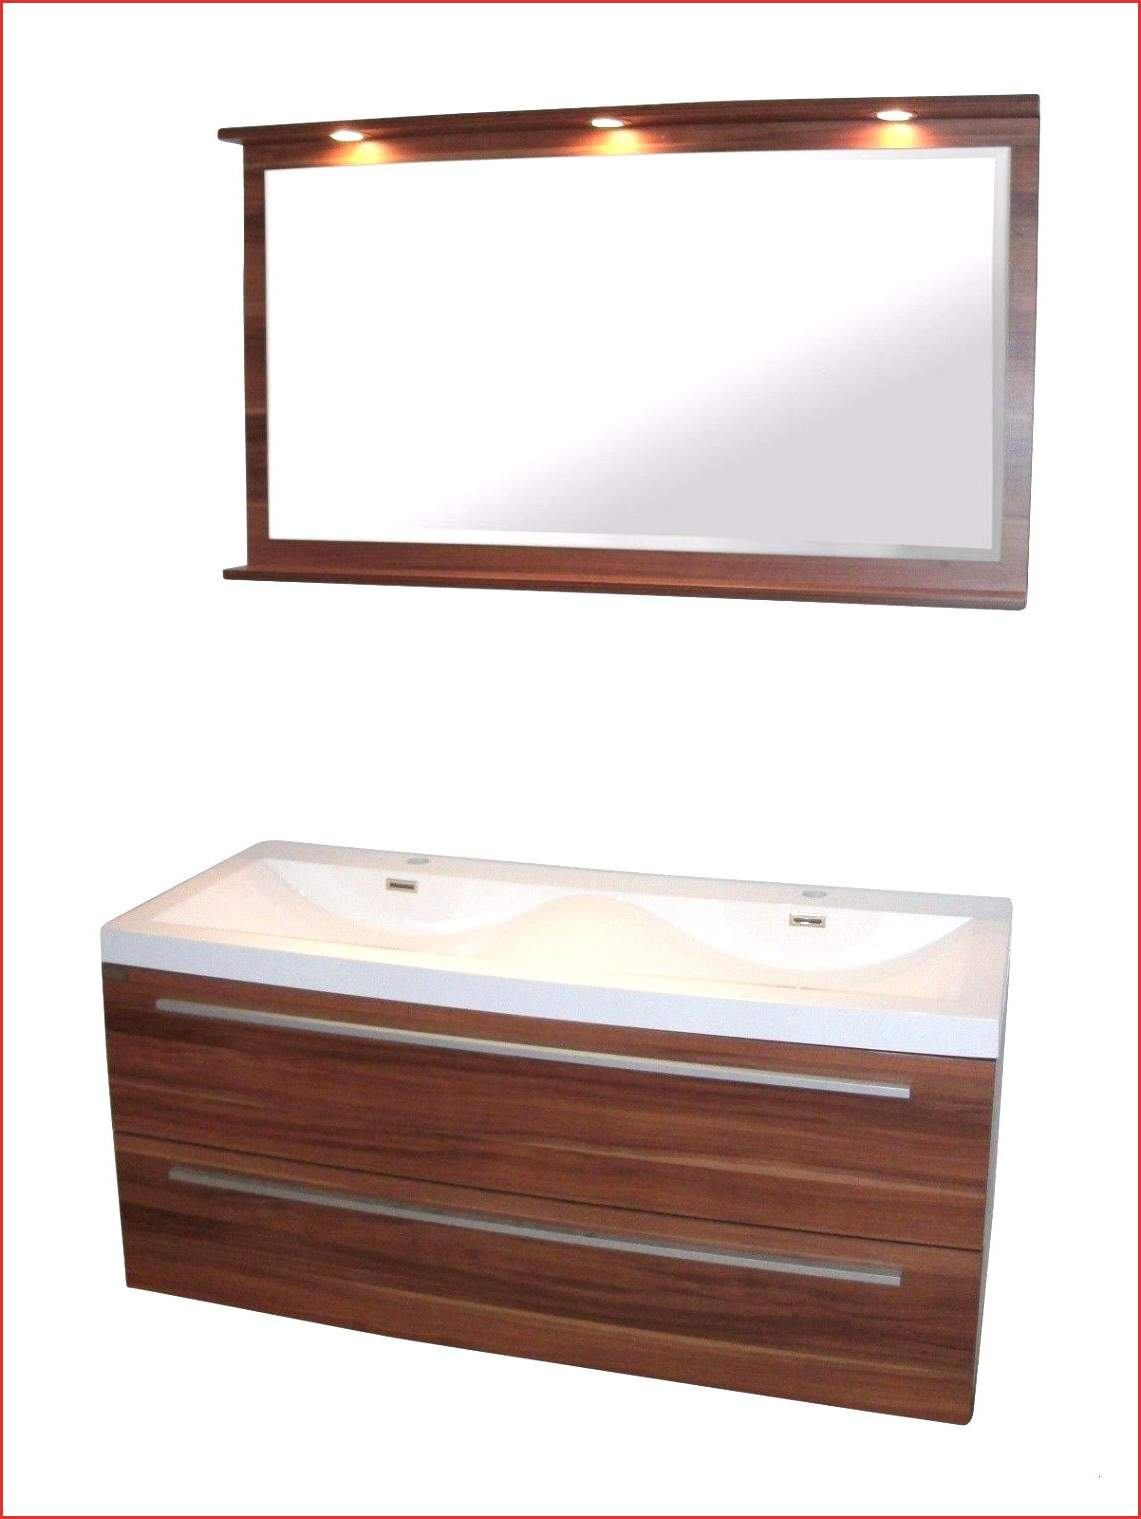 vf4 fener schrank inspirierend spiegel kleiderschrank mit von kleiderschrank sofort lieferbar of kleiderschrank sofort lieferbar